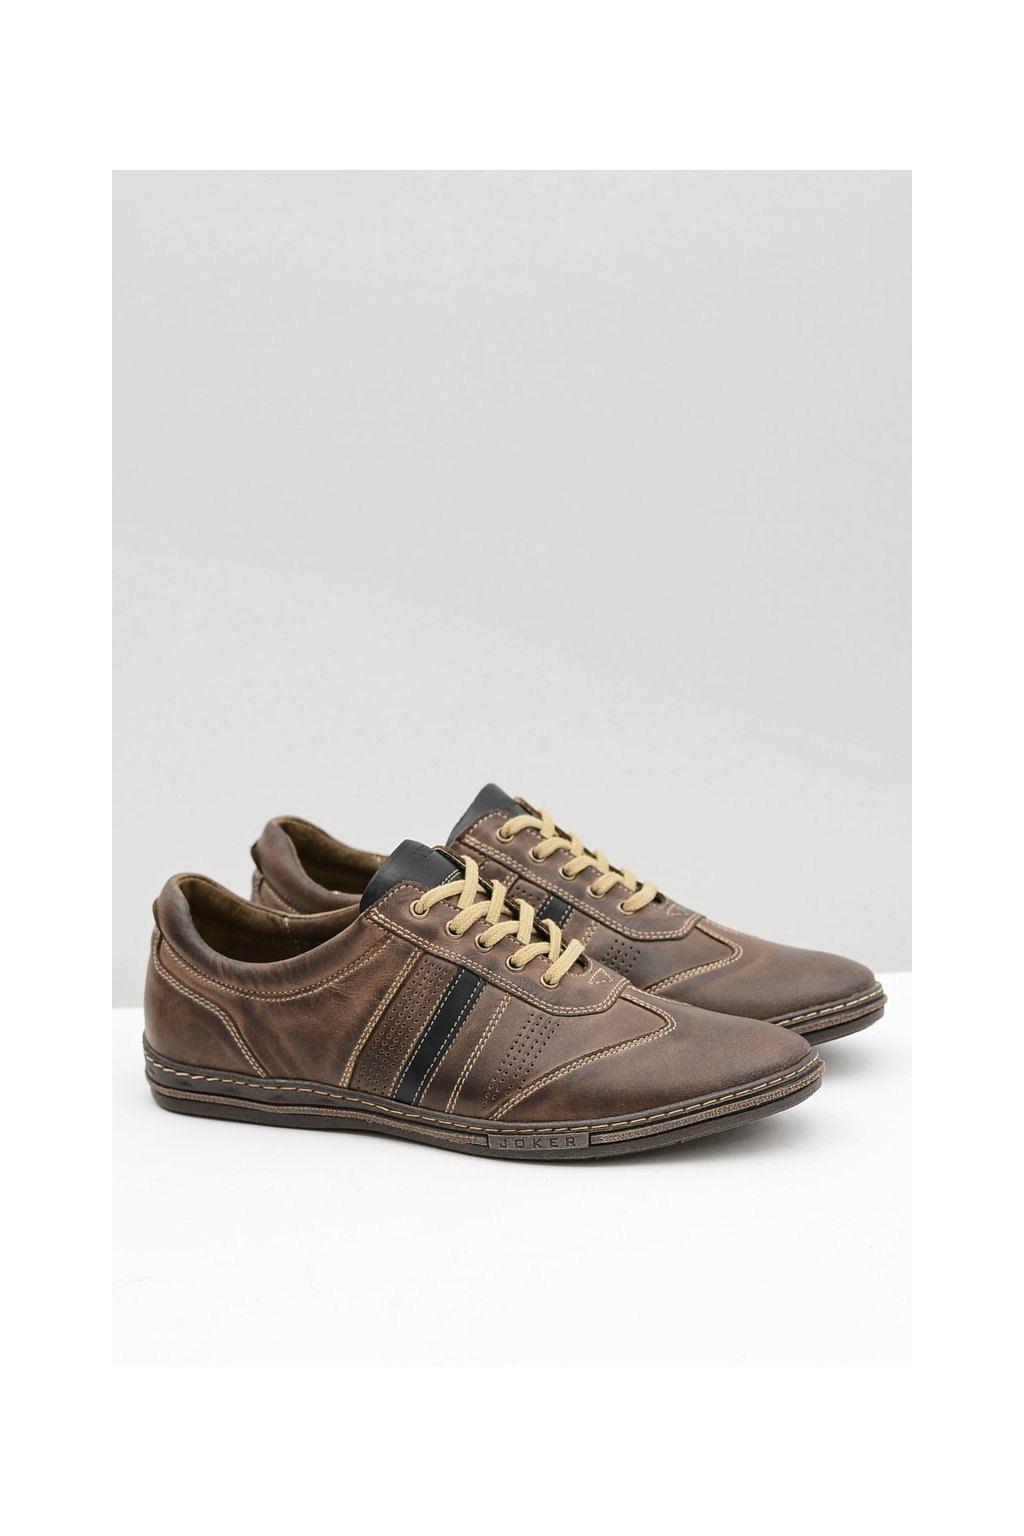 Pánska kožená obuv značky Brian